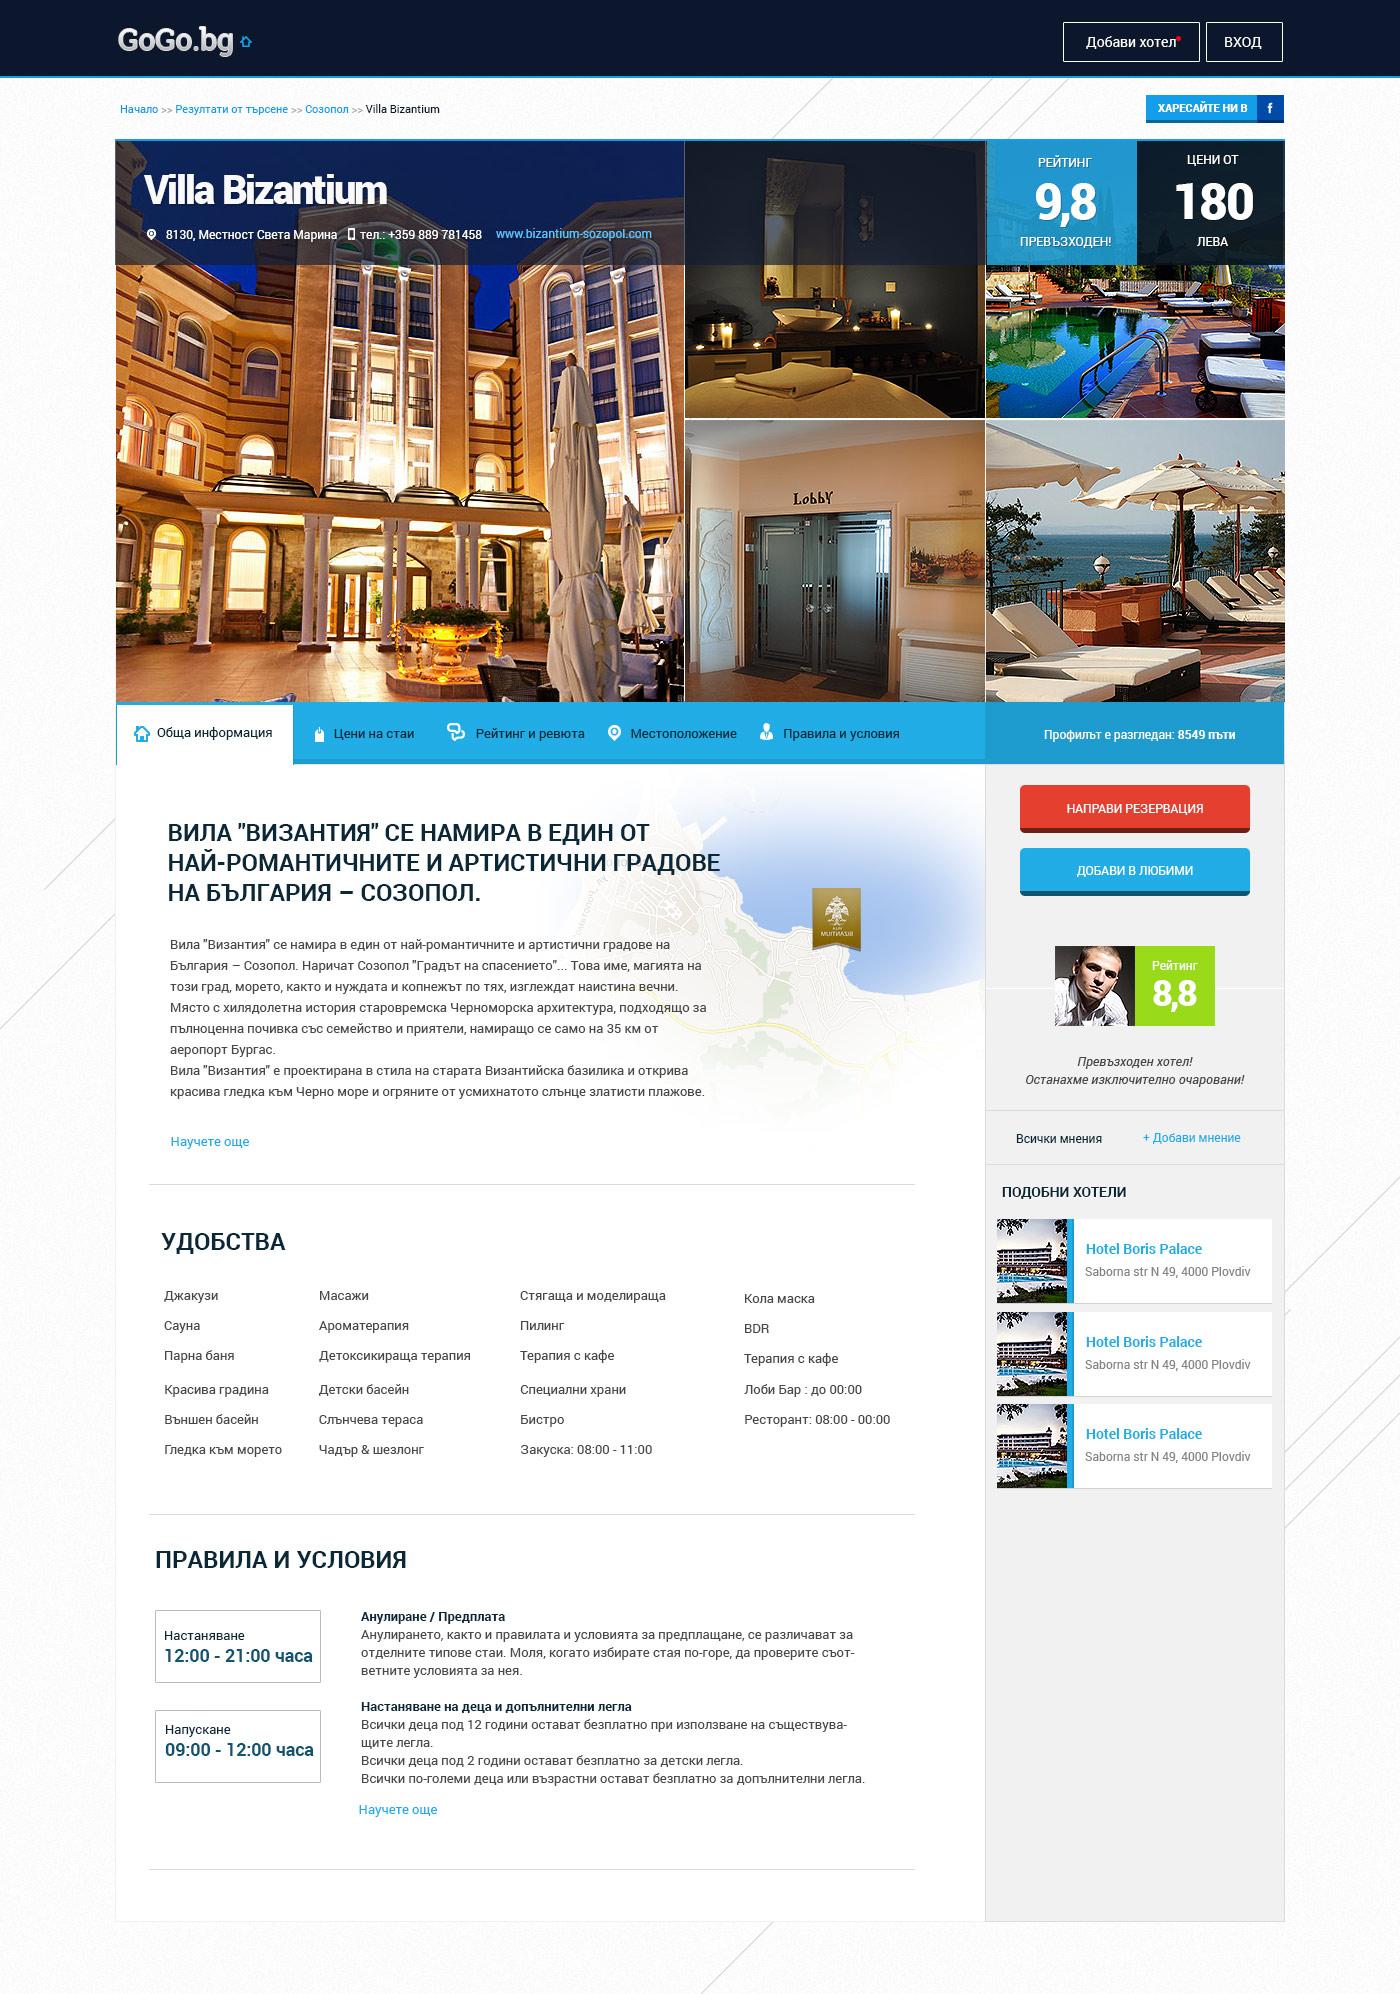 HotelProfile-v0.2.2